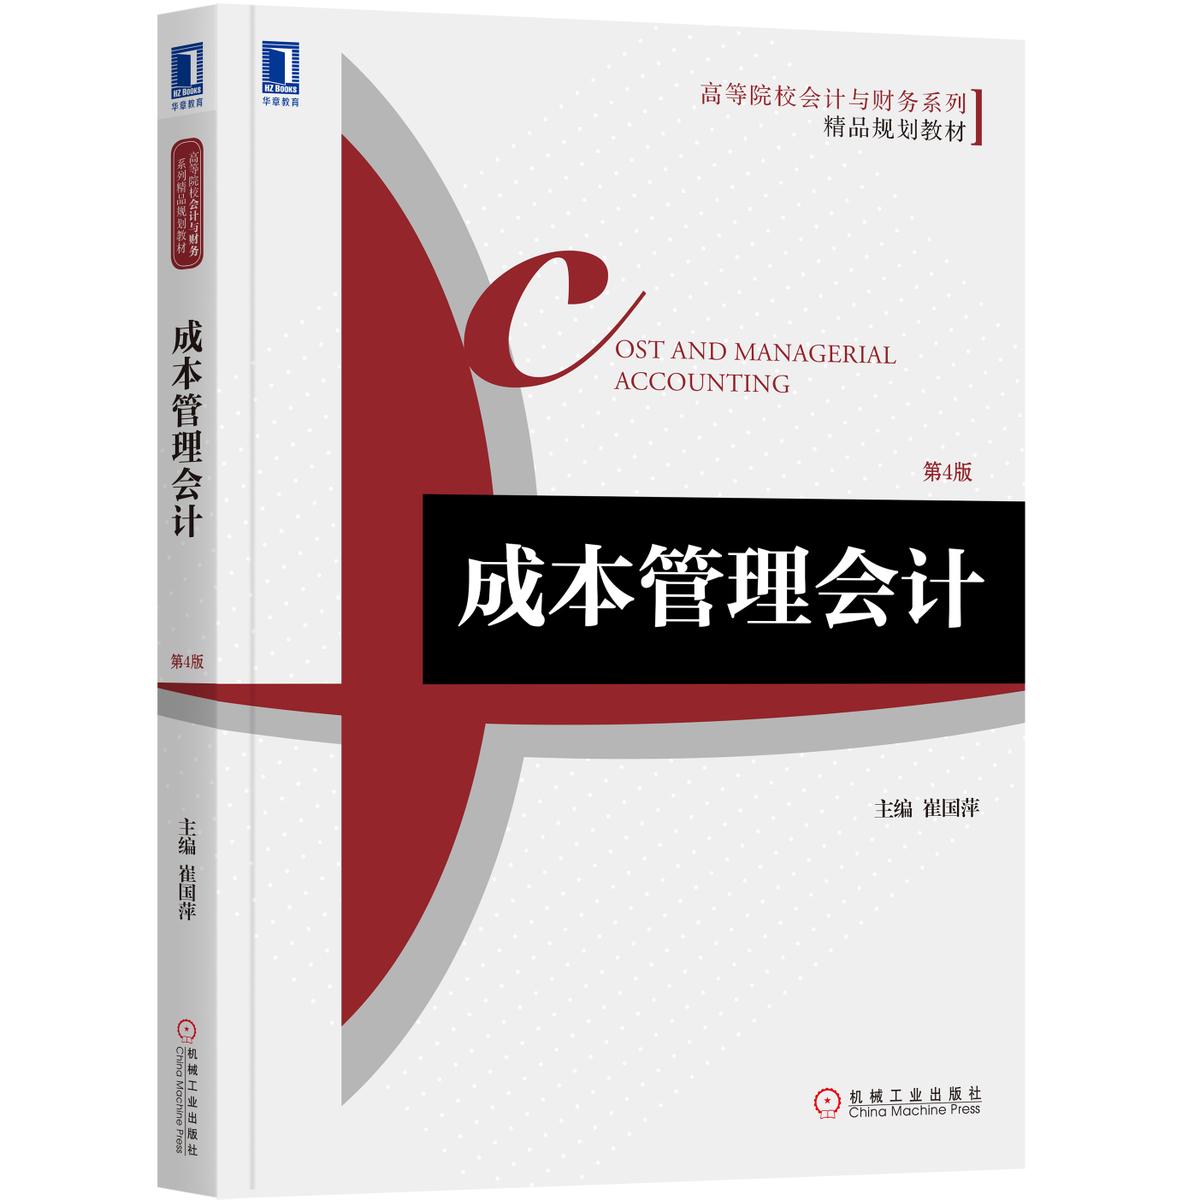 正版 成本管理会计(第4版)高等院校会计与财务系列精品规划教材 成本会计与管理会计 成本核算程序 j10k